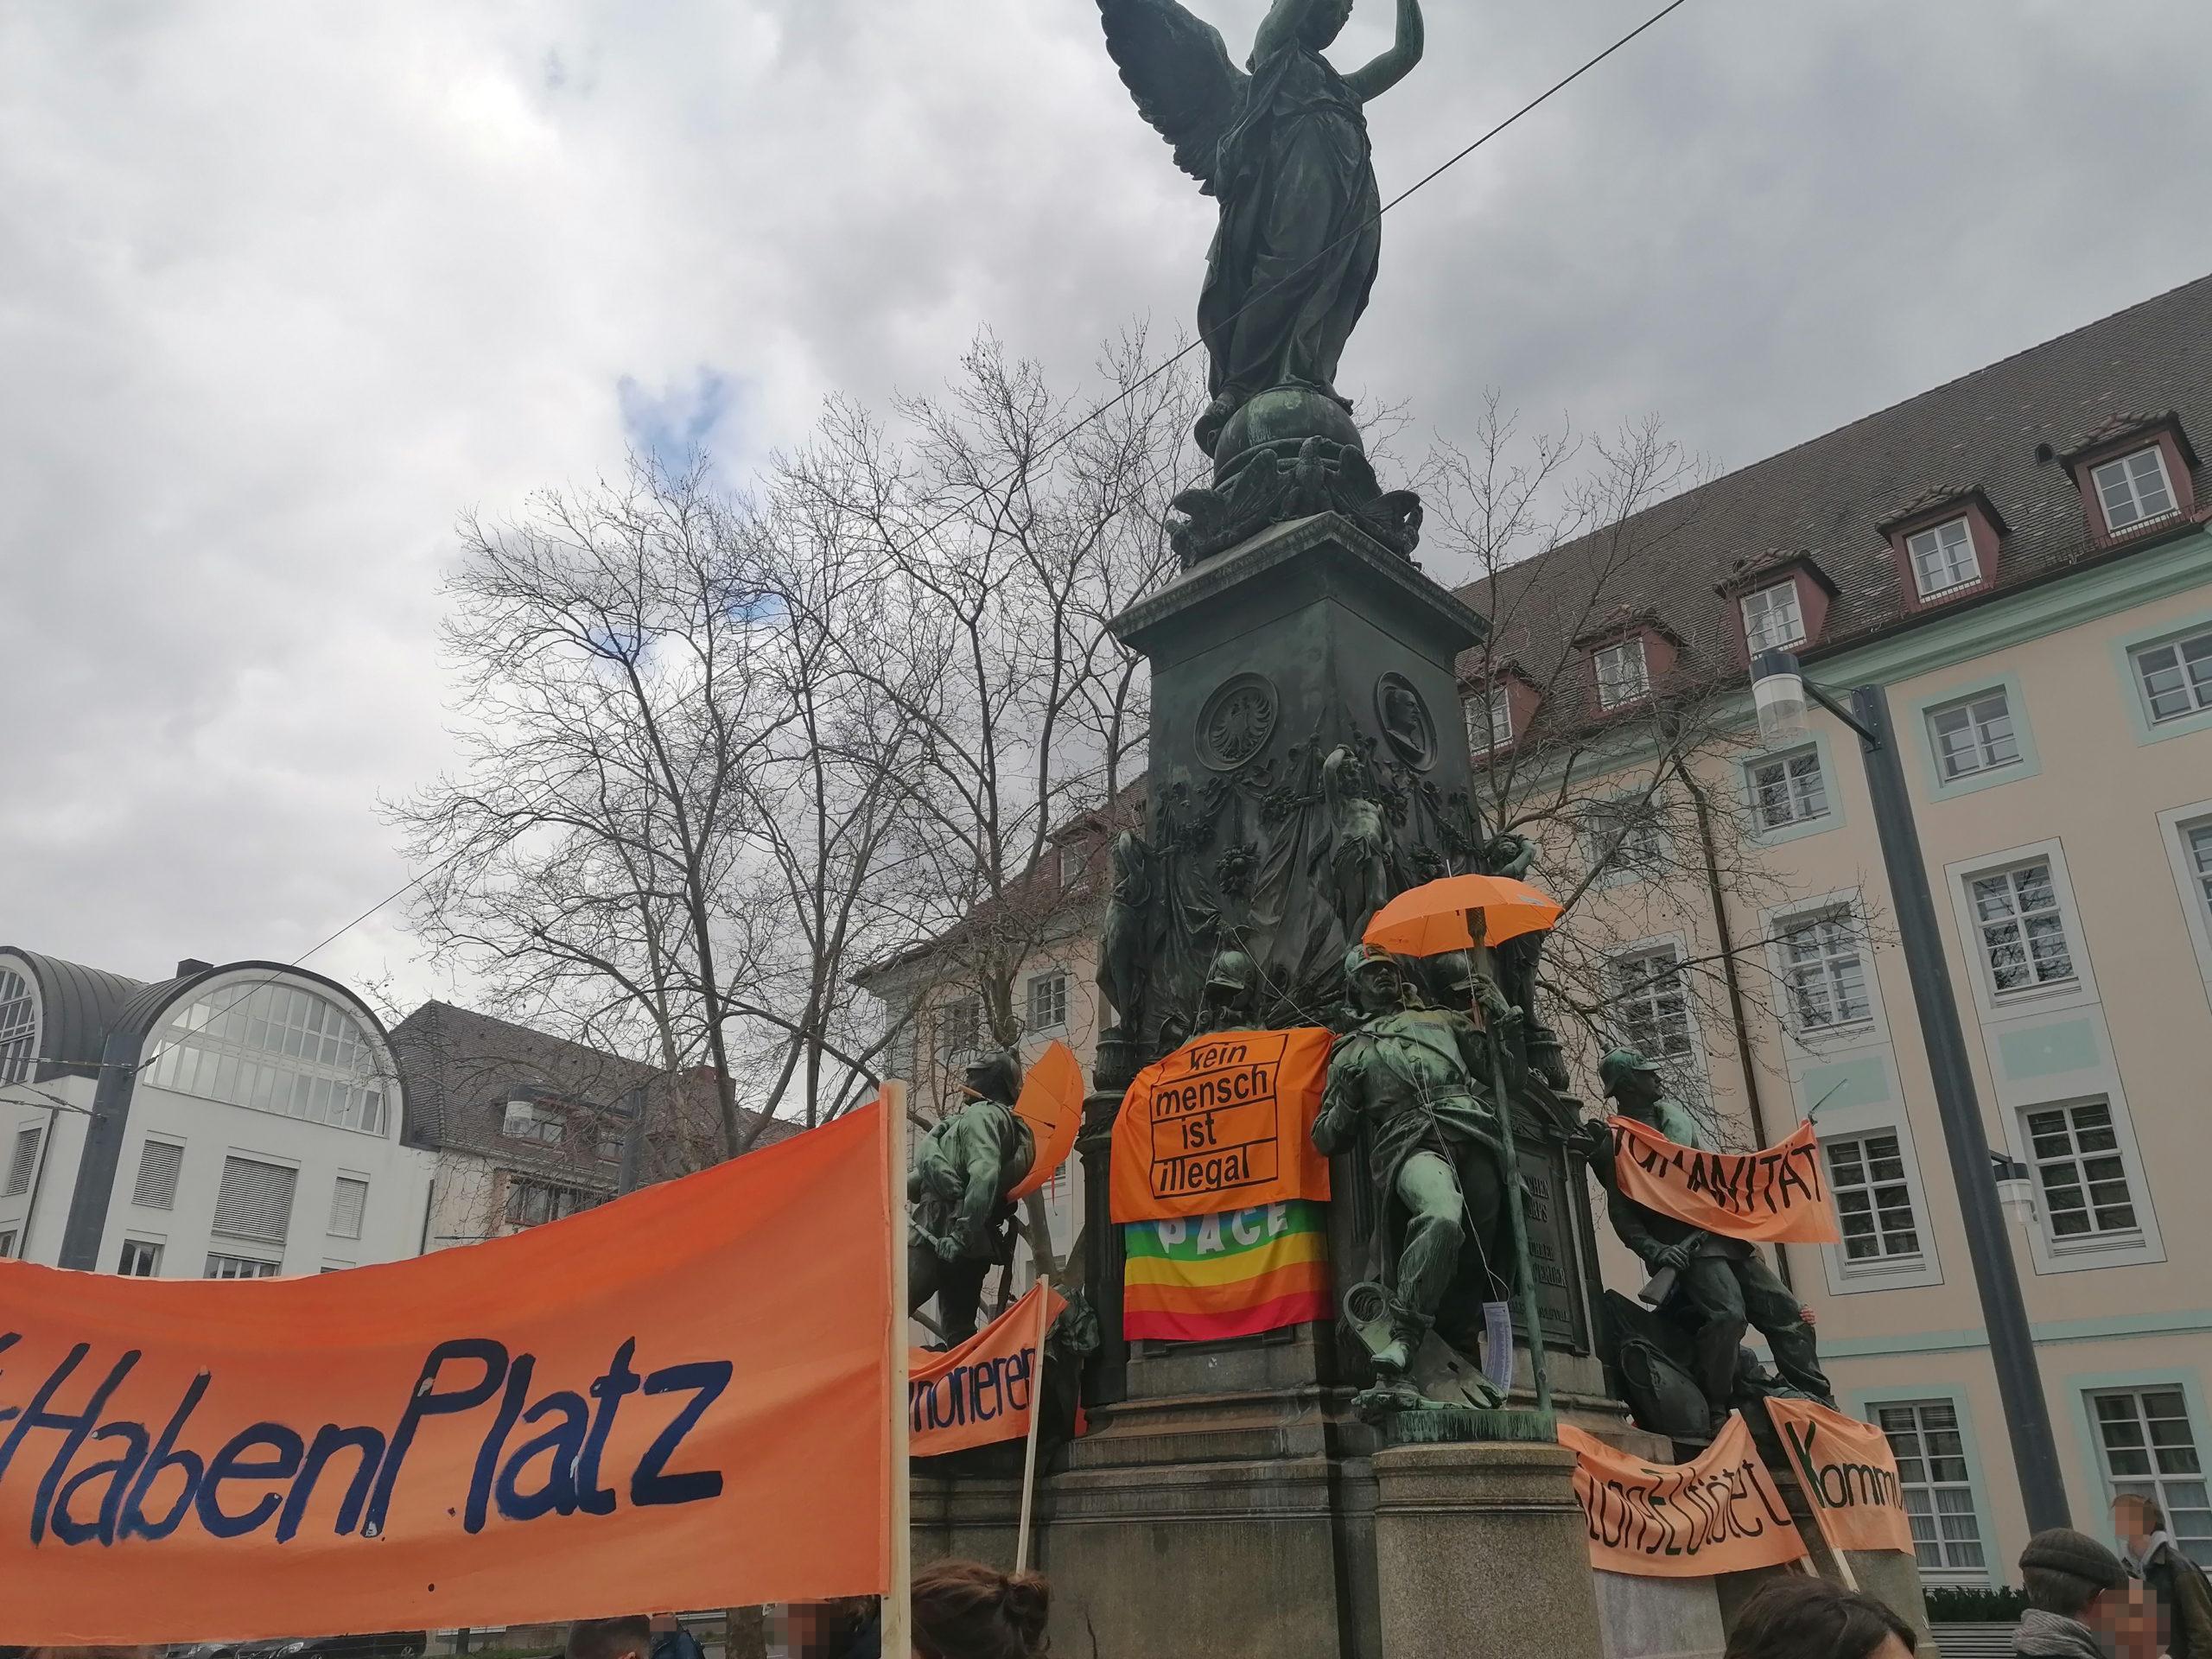 """Das Siegesdenkmal auf dem Europaplatz ist mit orangefarbenen Transparenten und Regenschirmen bestückt. Auf einigen Transparenten kann man """"kein mensch ist illegal"""" oder """"Humanität"""" lesen."""